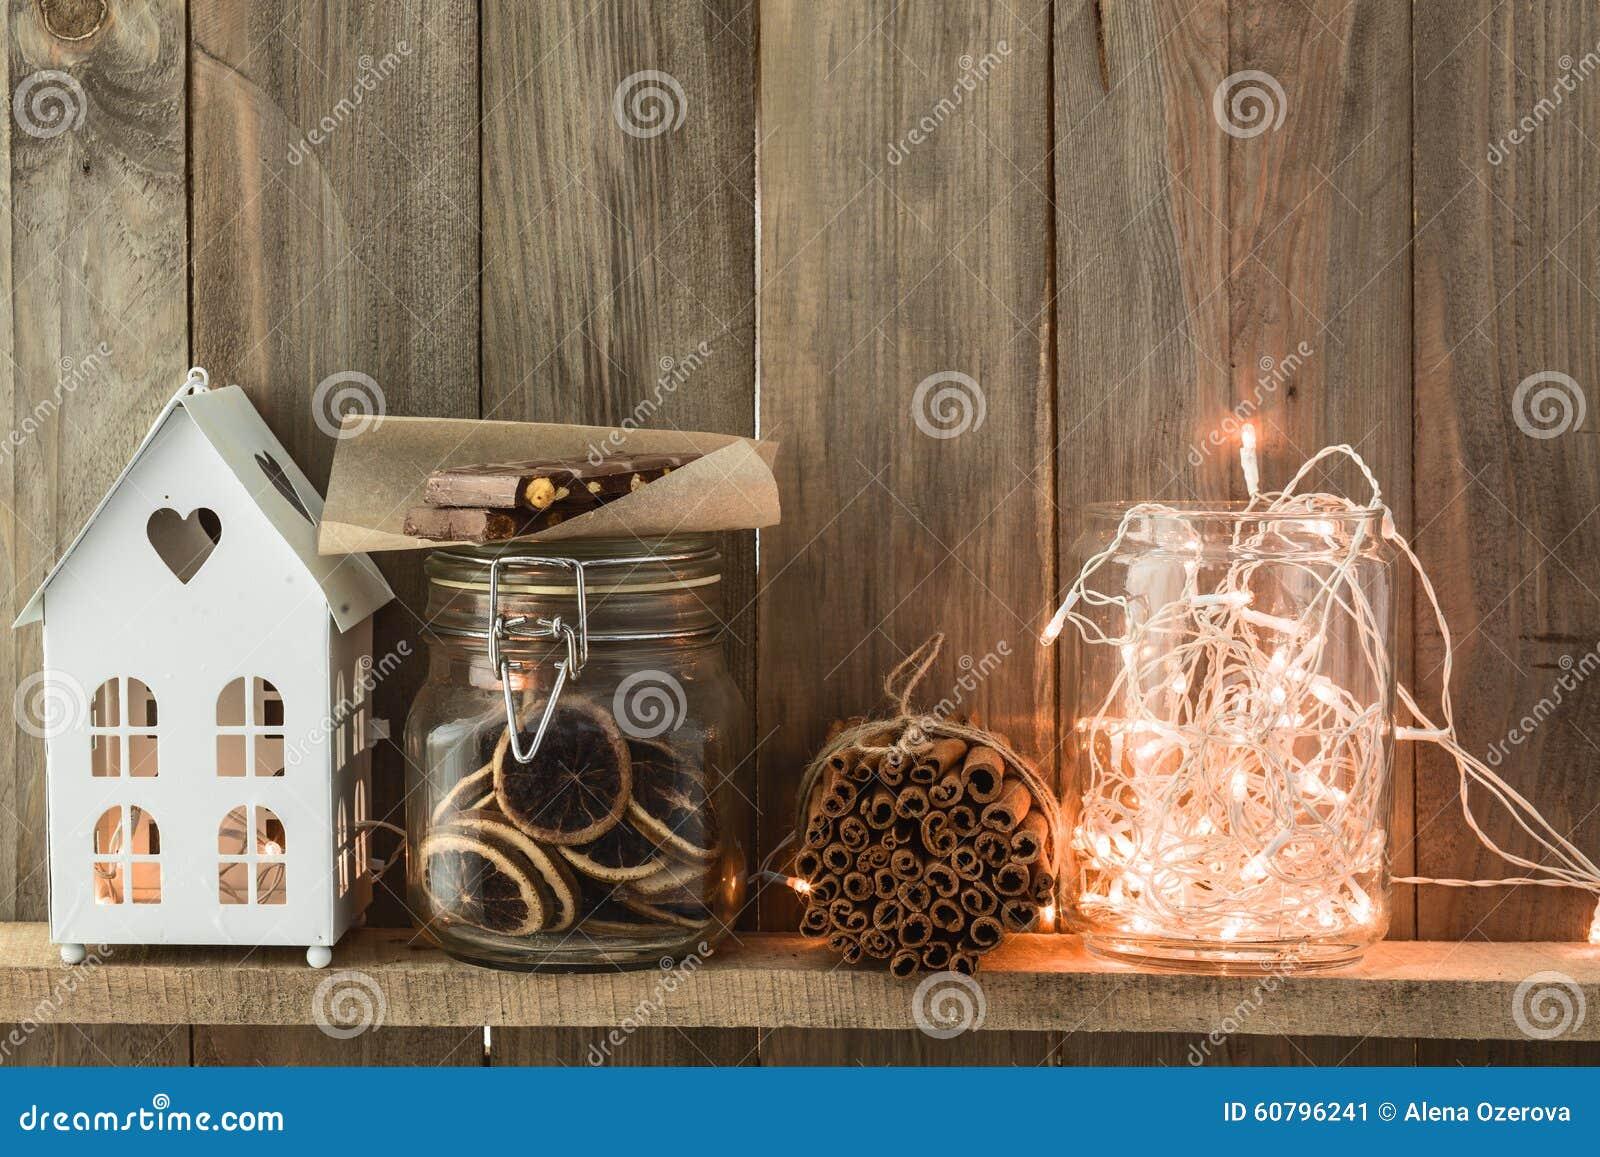 Decoración casera de la Navidad